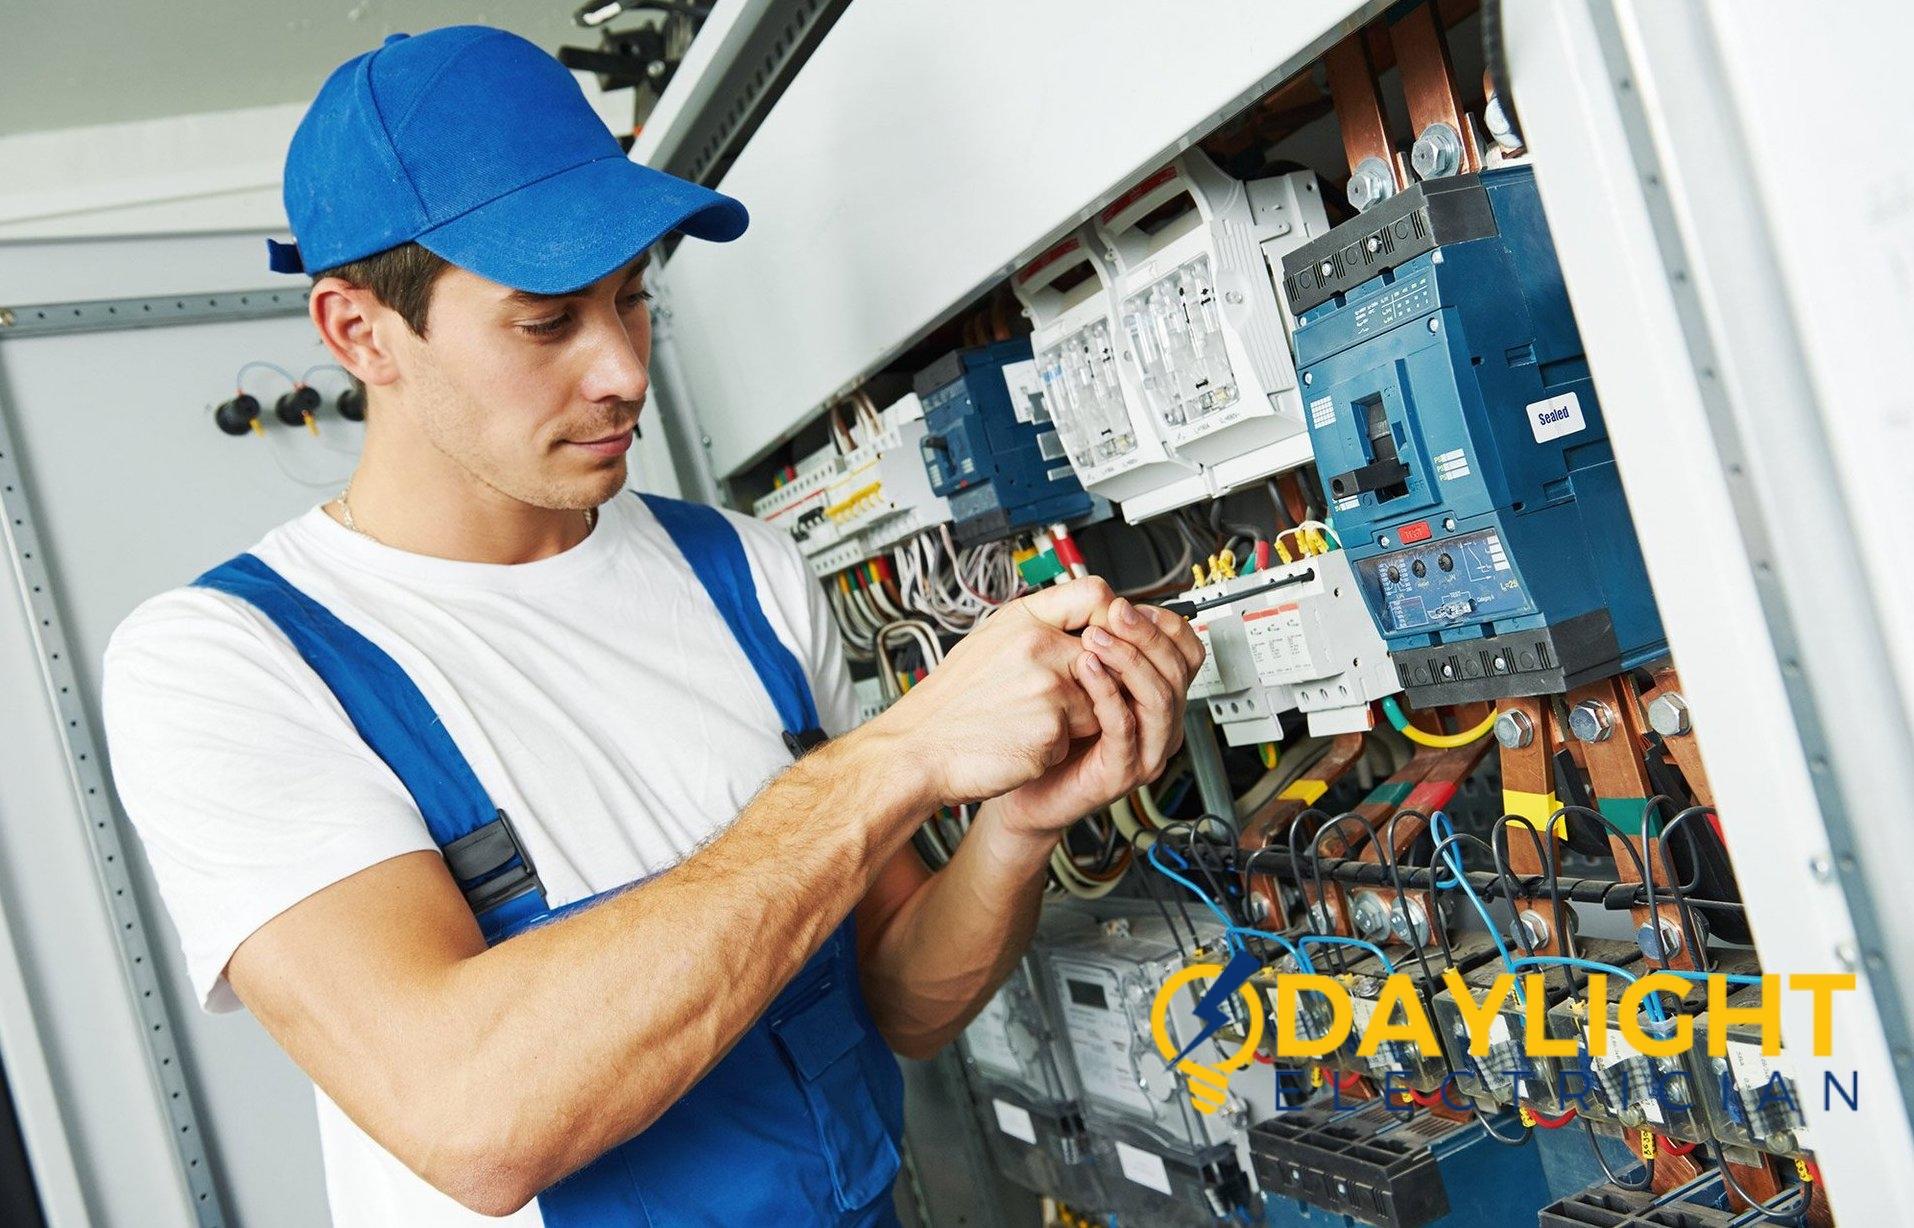 24-hour-electrician-singapore_wm